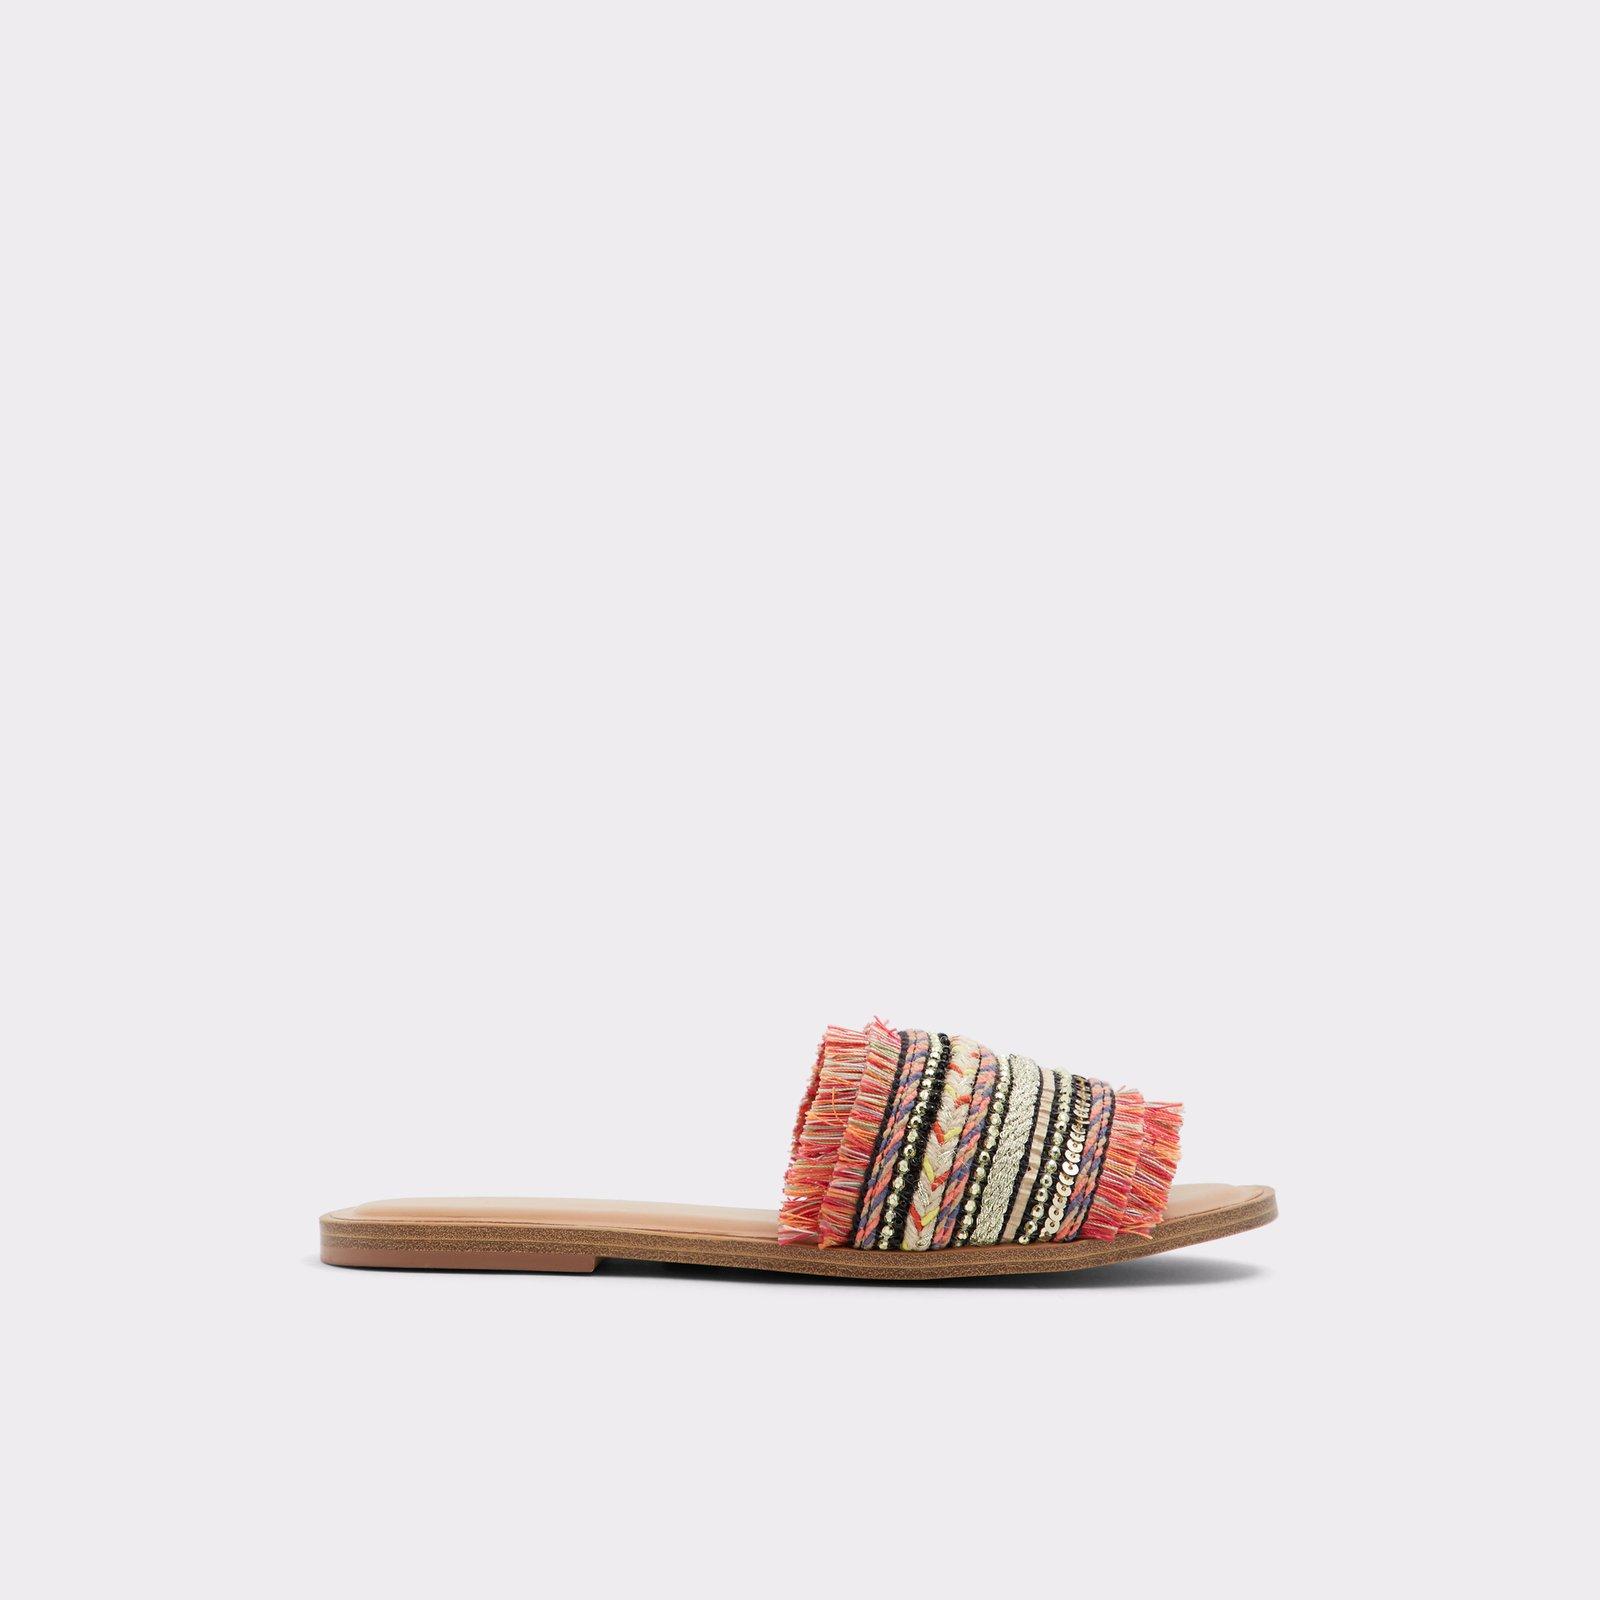 2f1d9f9b30d Sandals for Women | ALDO US | Aldoshoes.com US